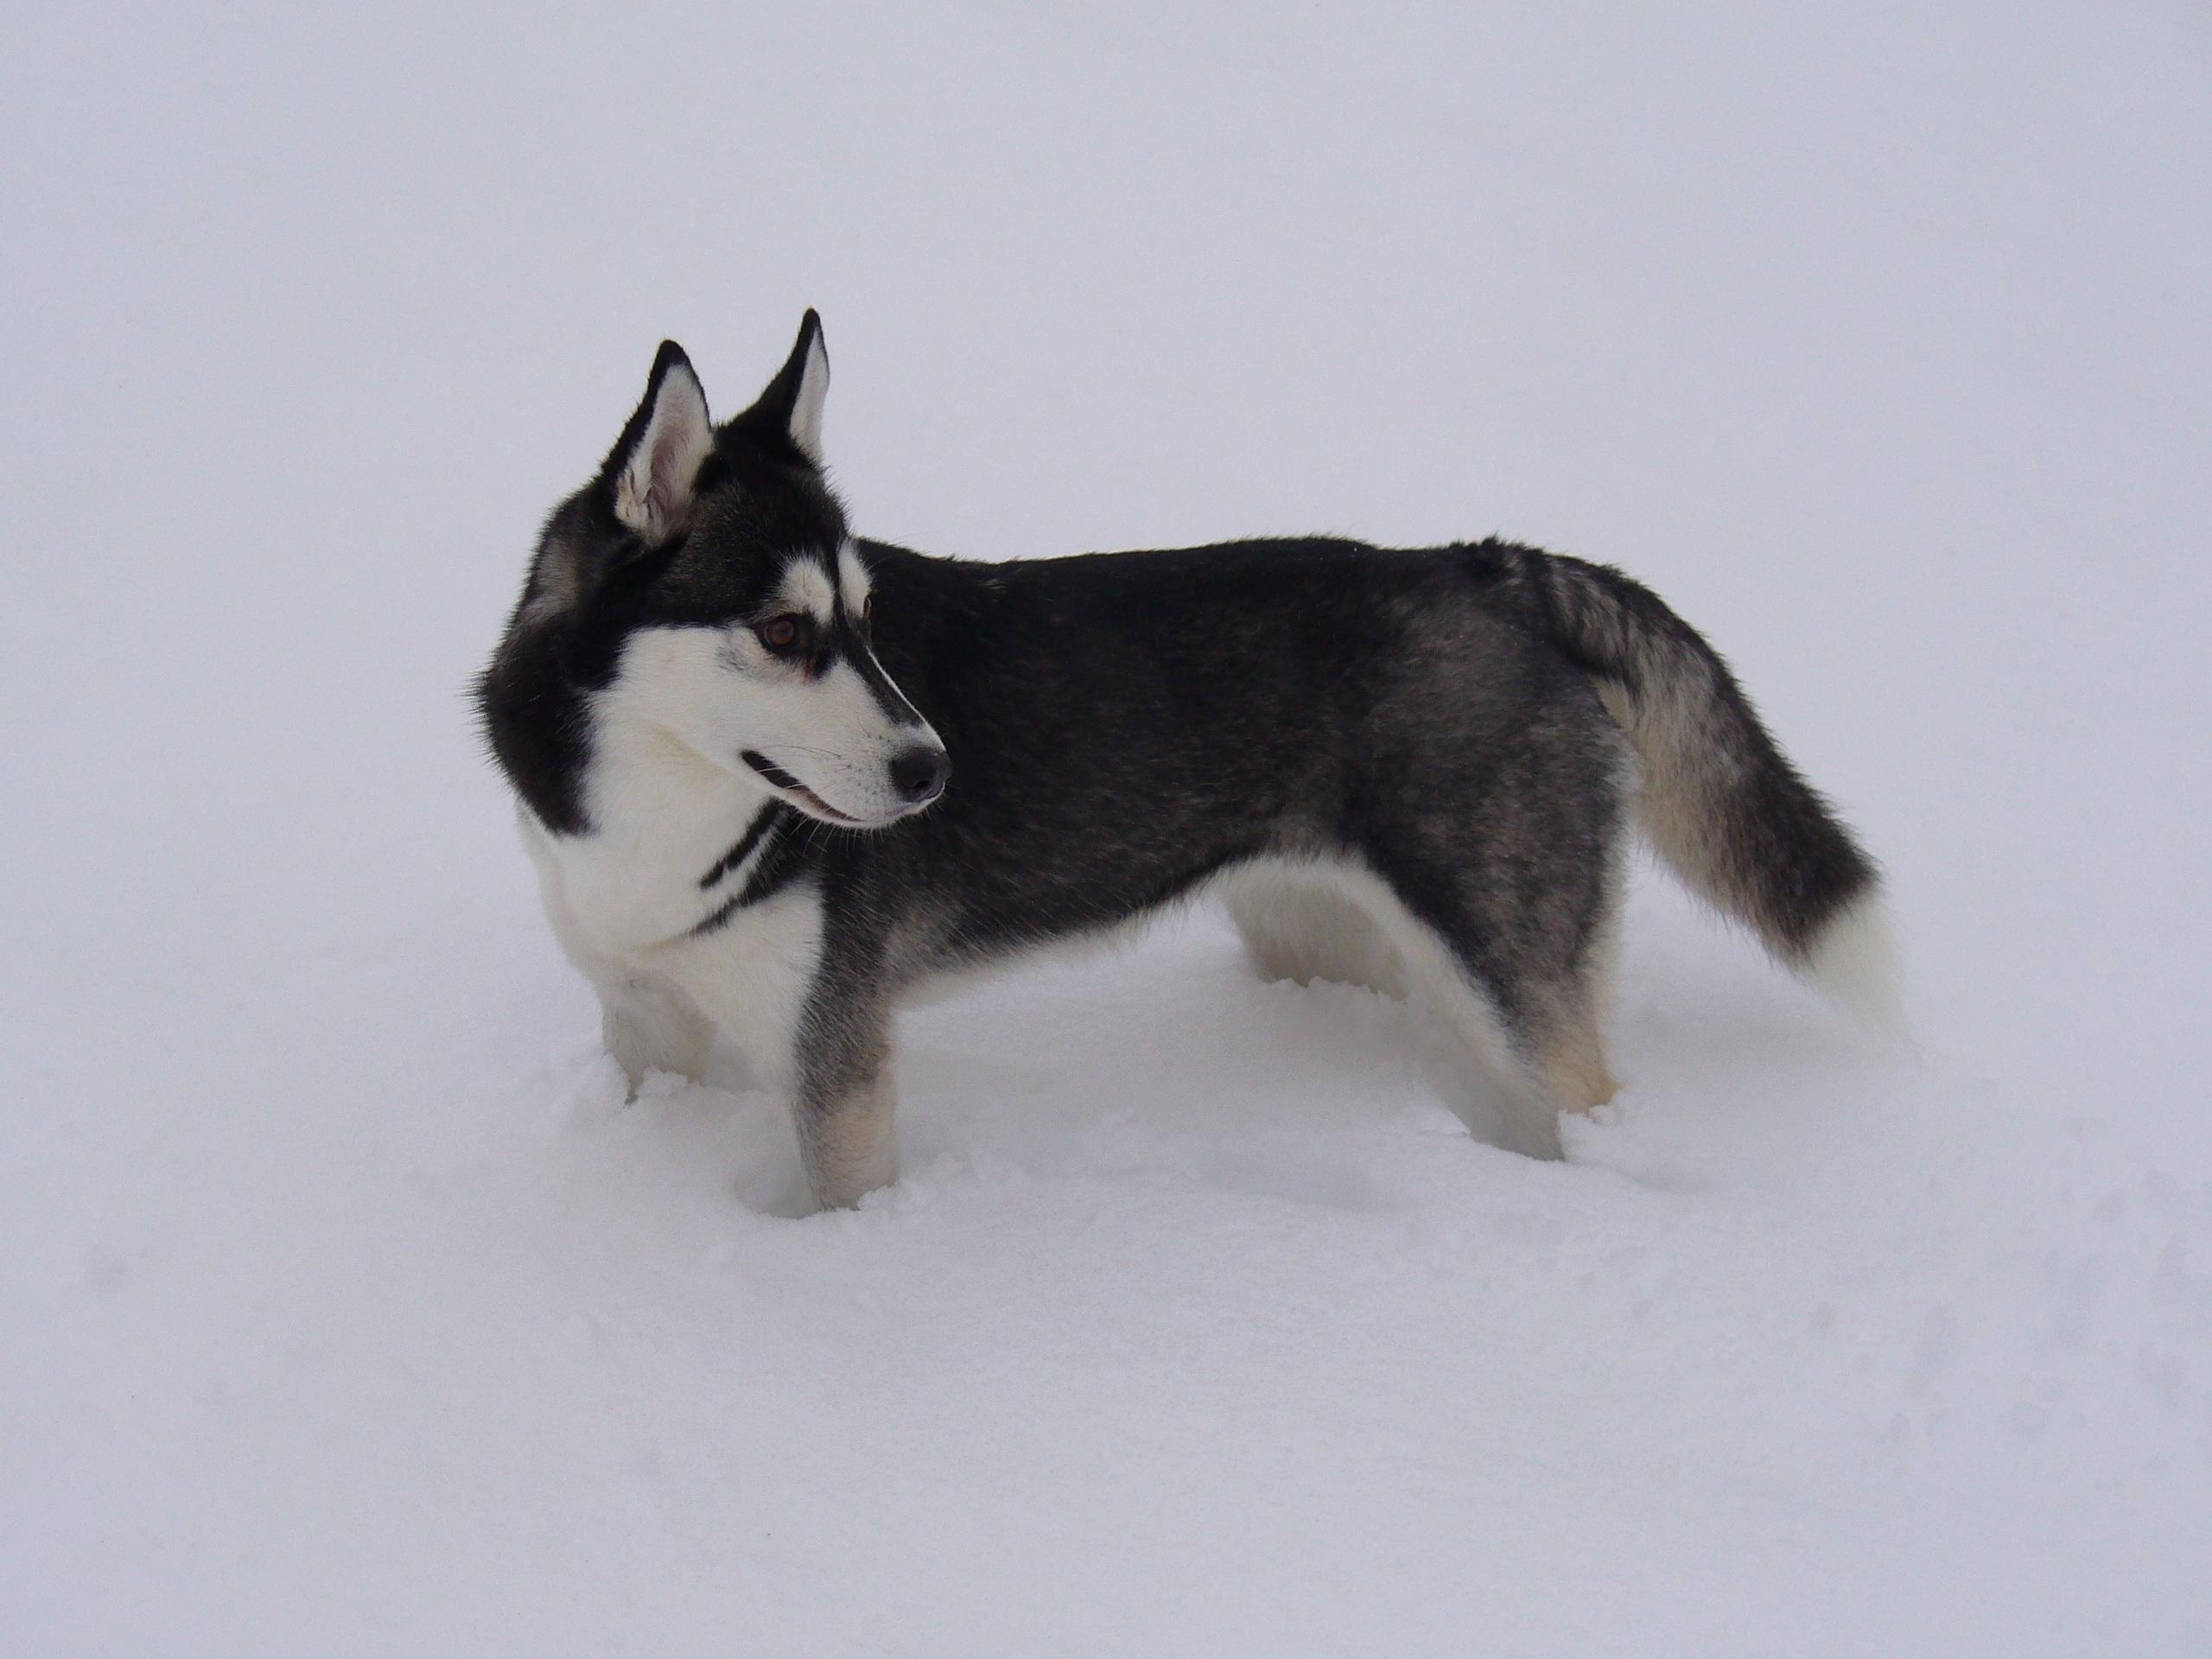 Images Gratuites : neige, rauque, vertébré, race de chien